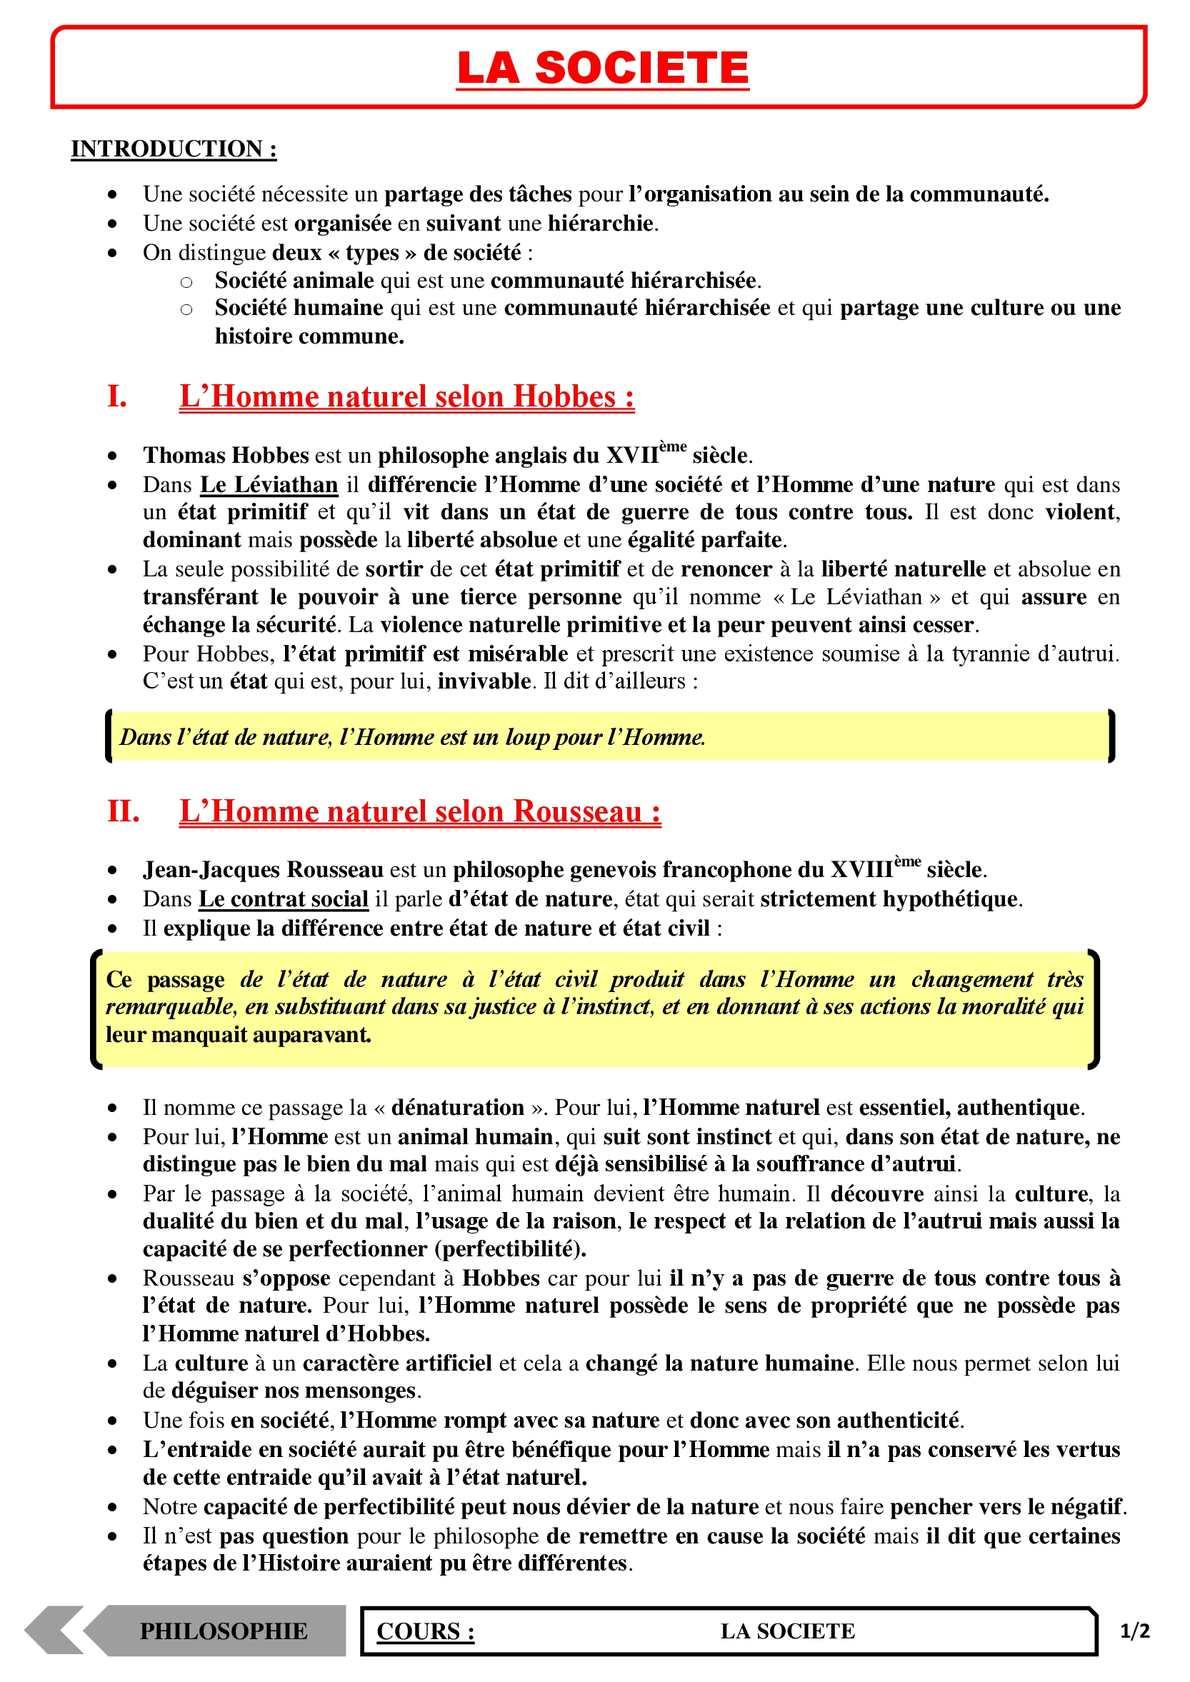 TS - PHILOSOPHIE – La société | JéSky.fr